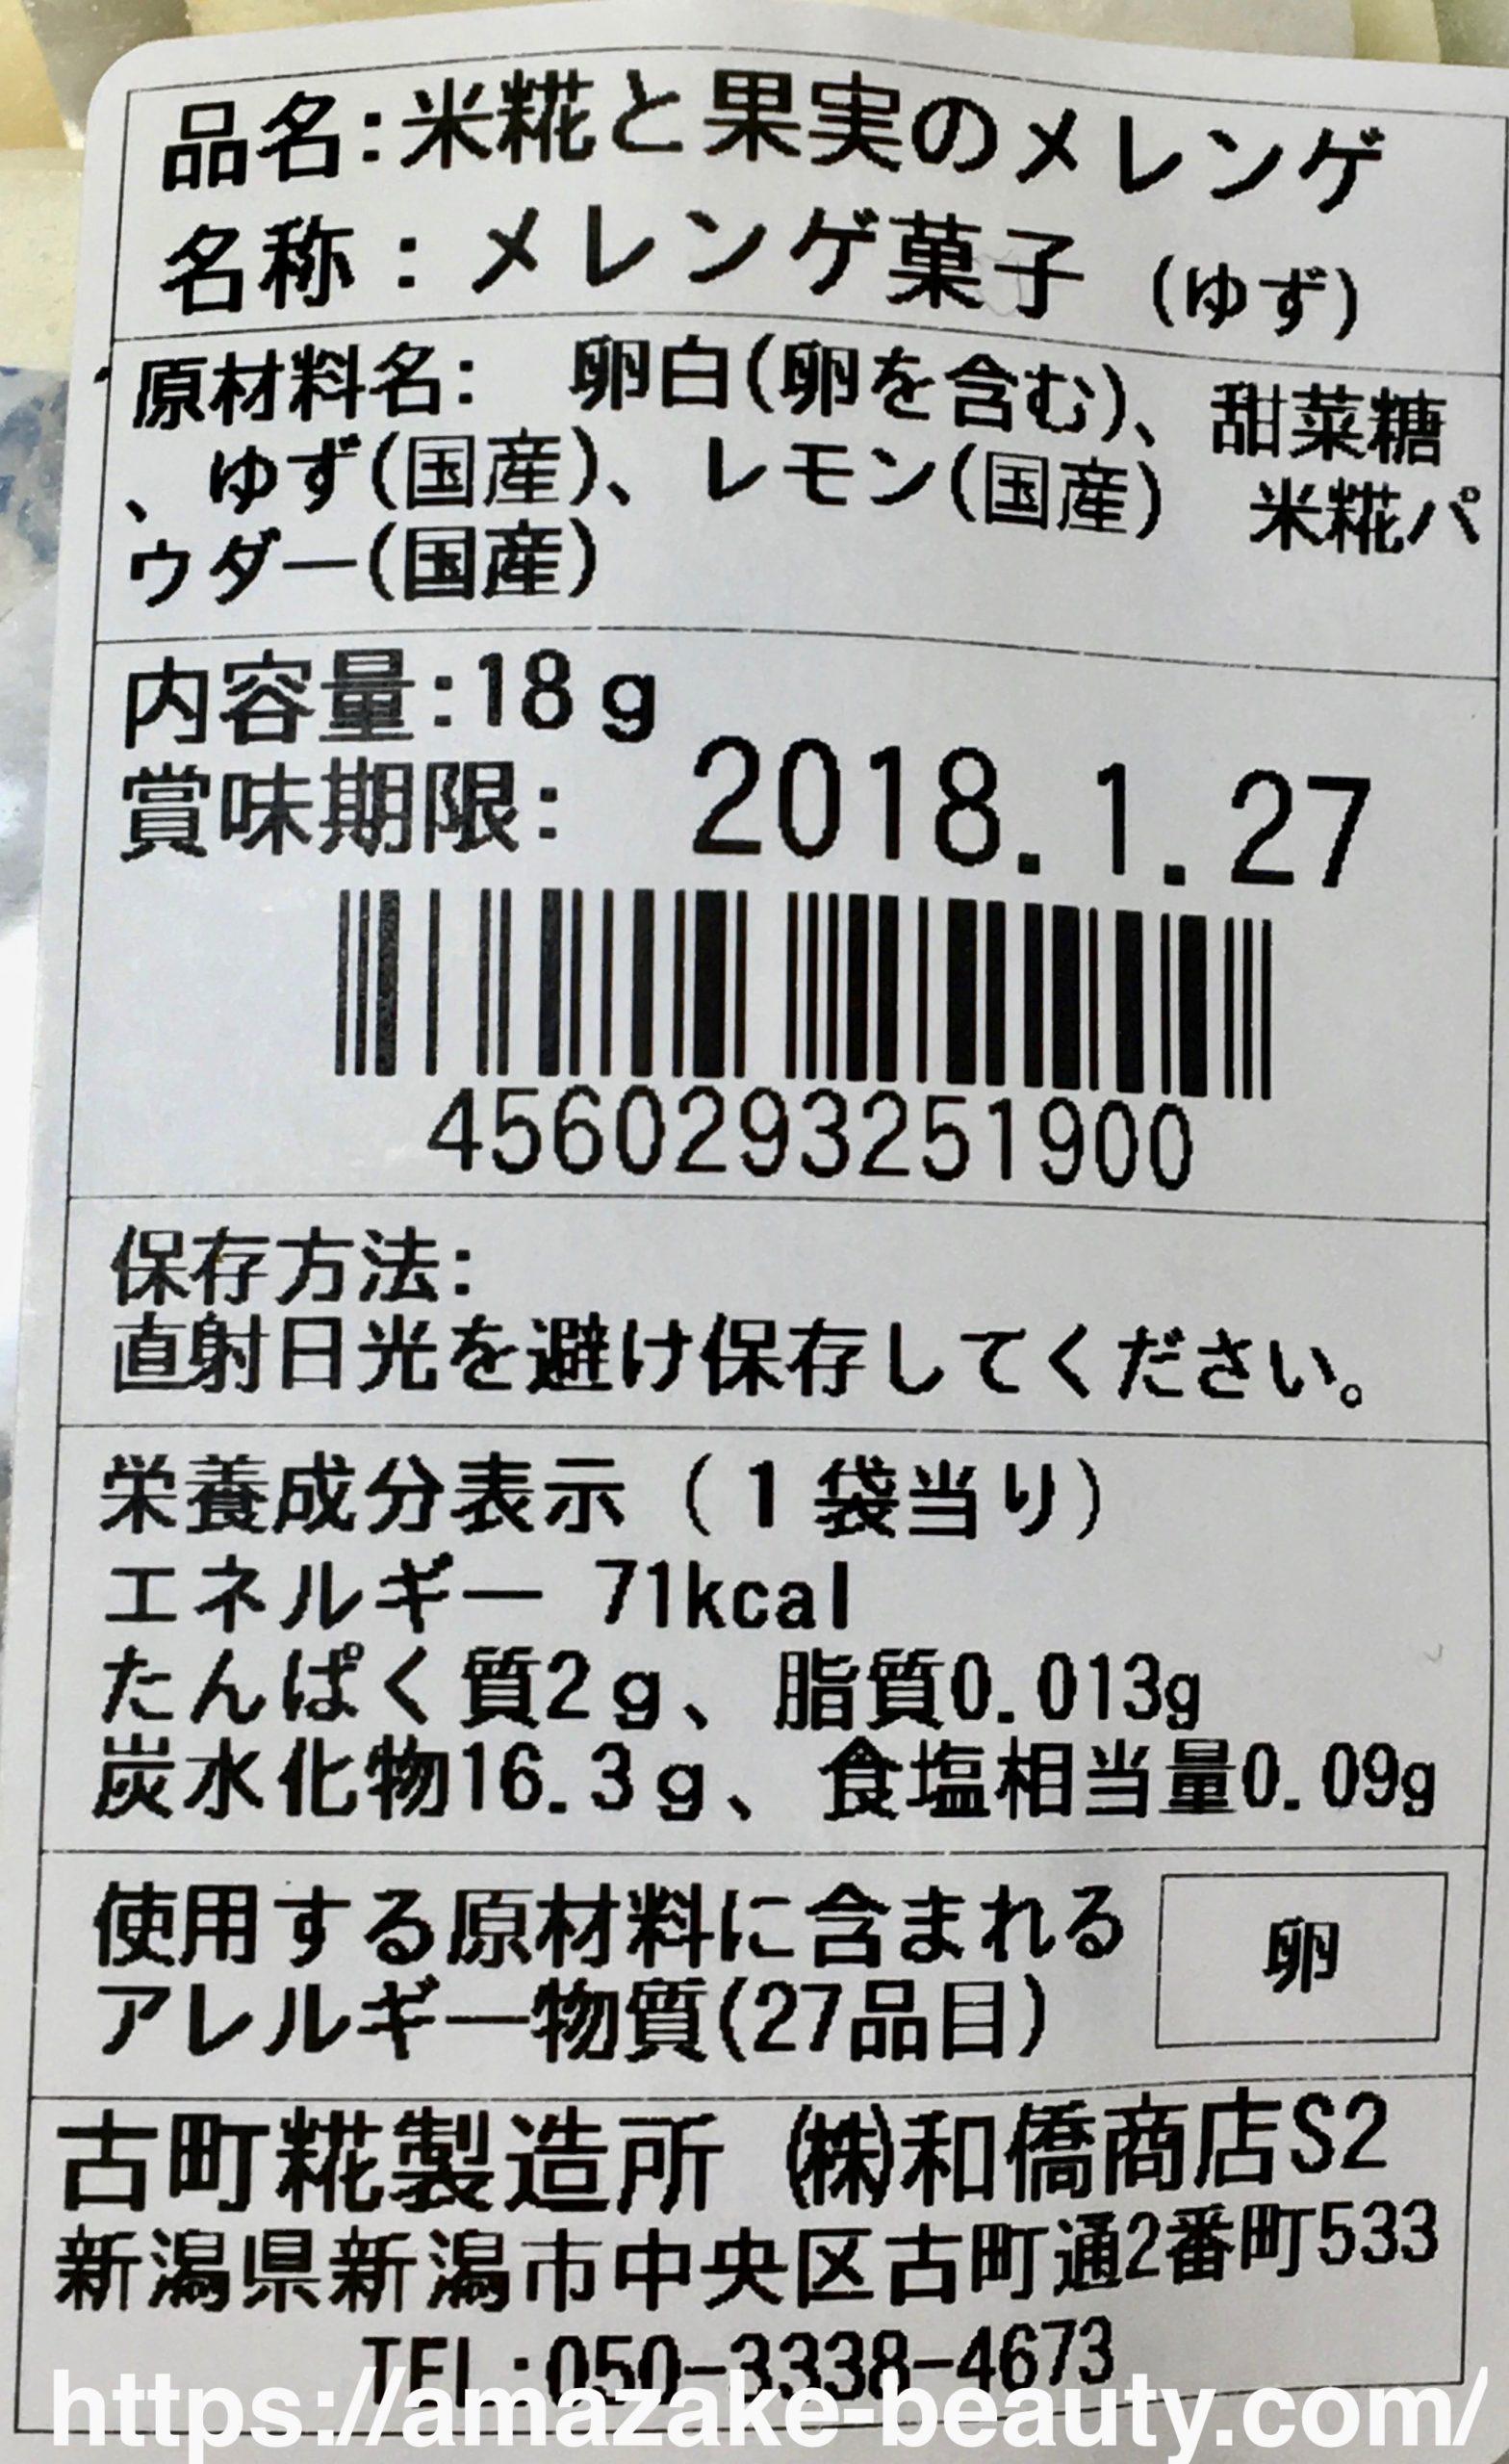 【甘酒甘味】古町糀製造所『米糀と果実のメレンゲ(ゆず)』(商品情報)